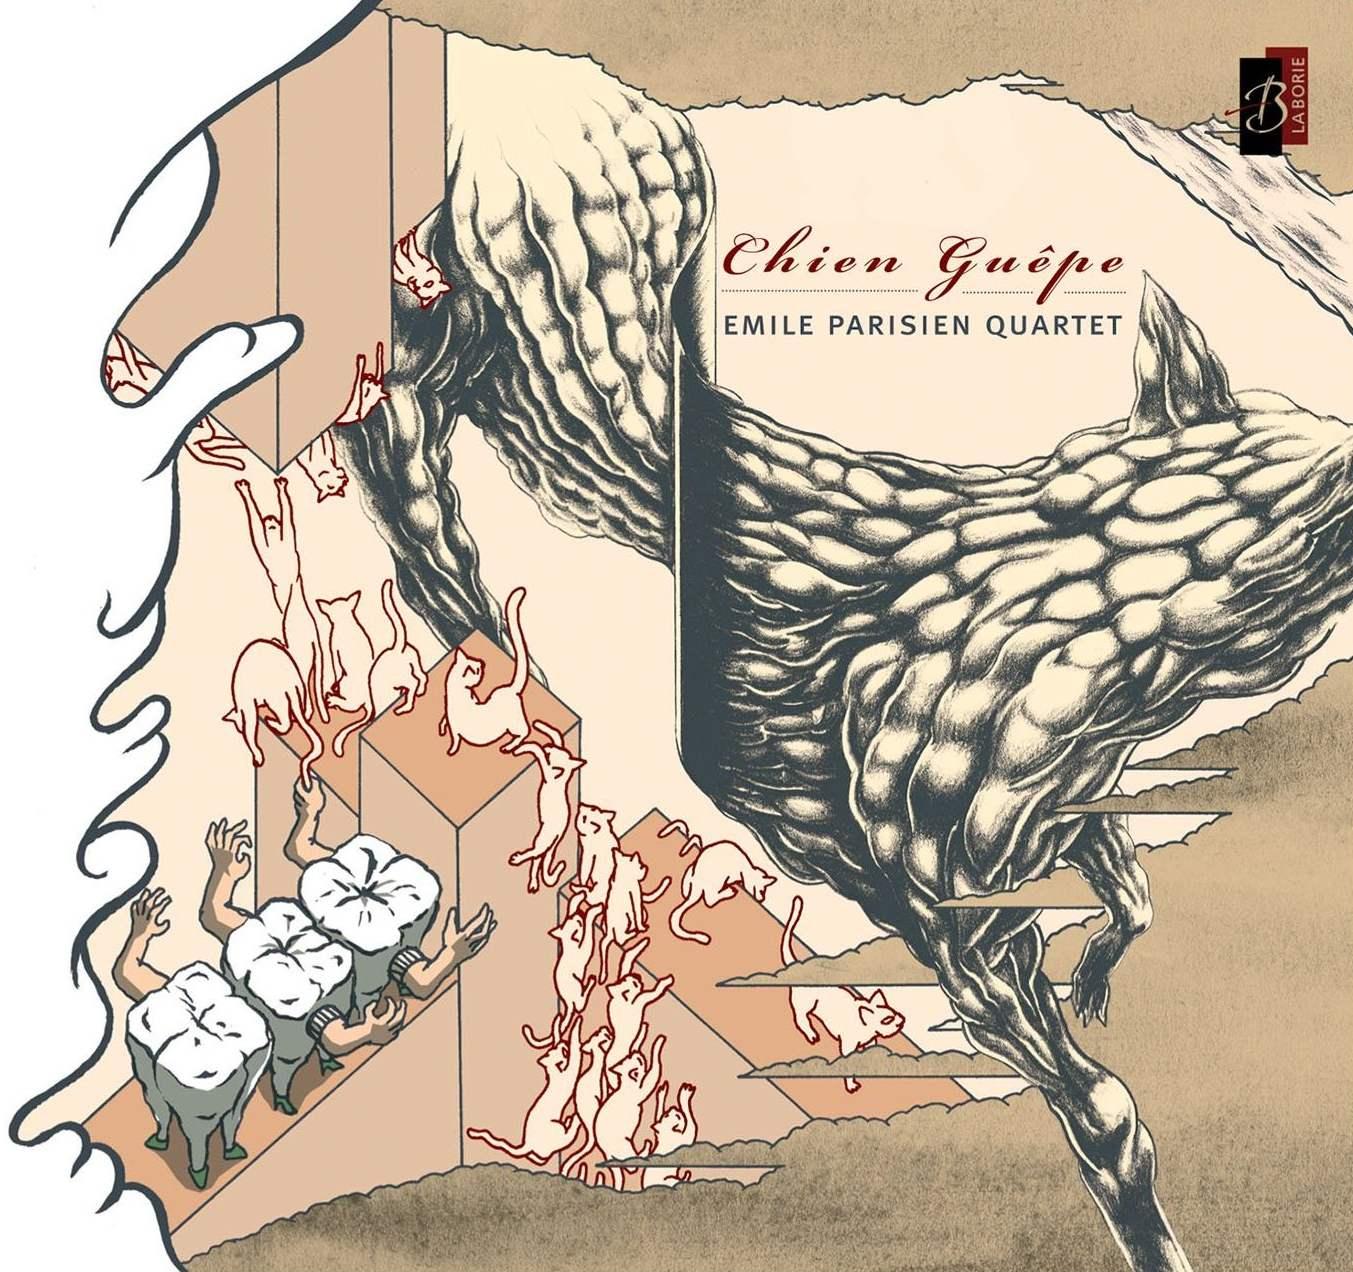 Emile Parisien Quartet - Chien Guepe